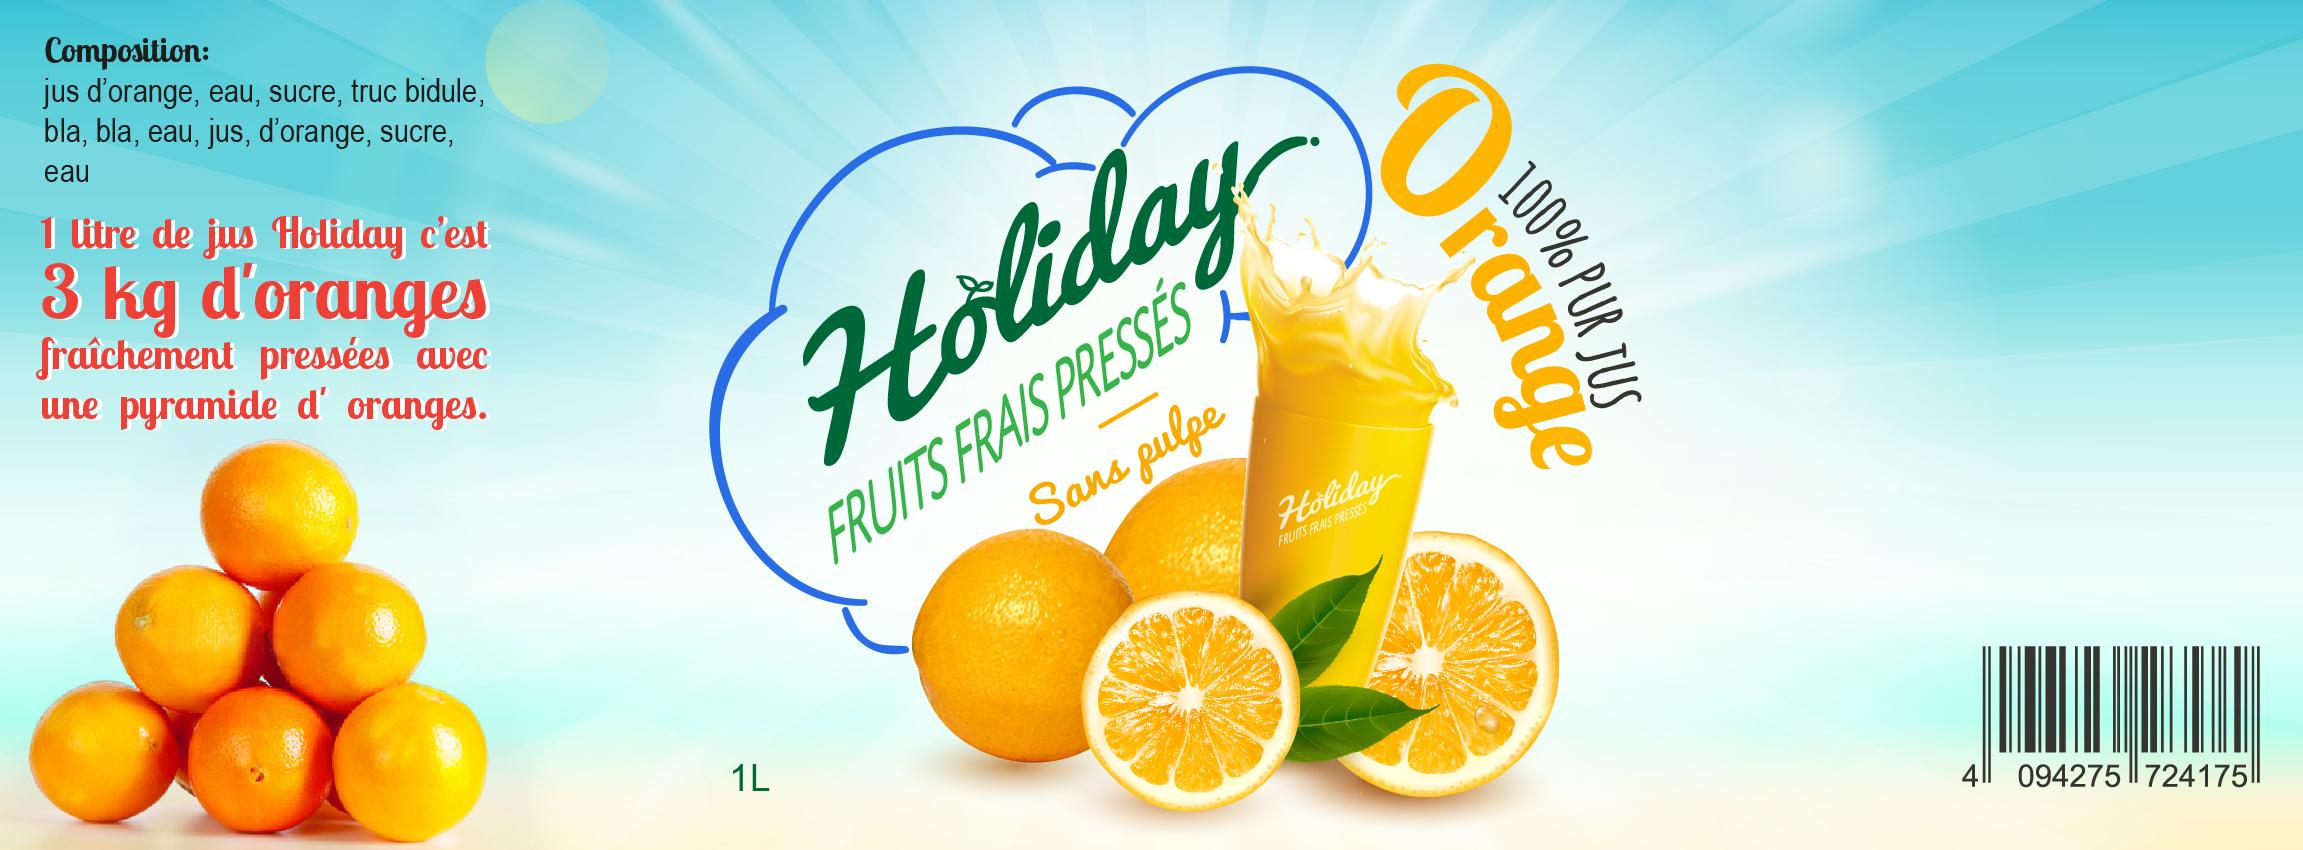 etiquette-jus-orange_valide-01